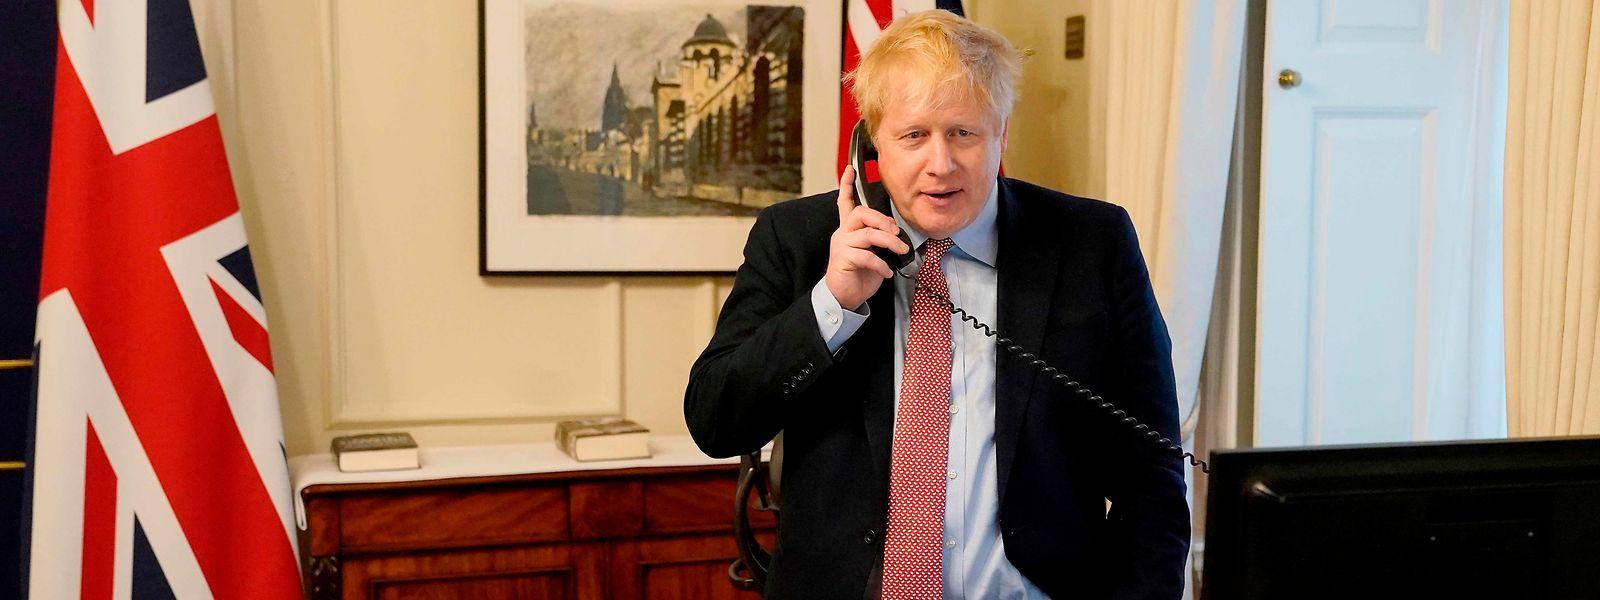 Johnson - wie er selbst sagt - hat nur leichte Erkrankungssymptome.